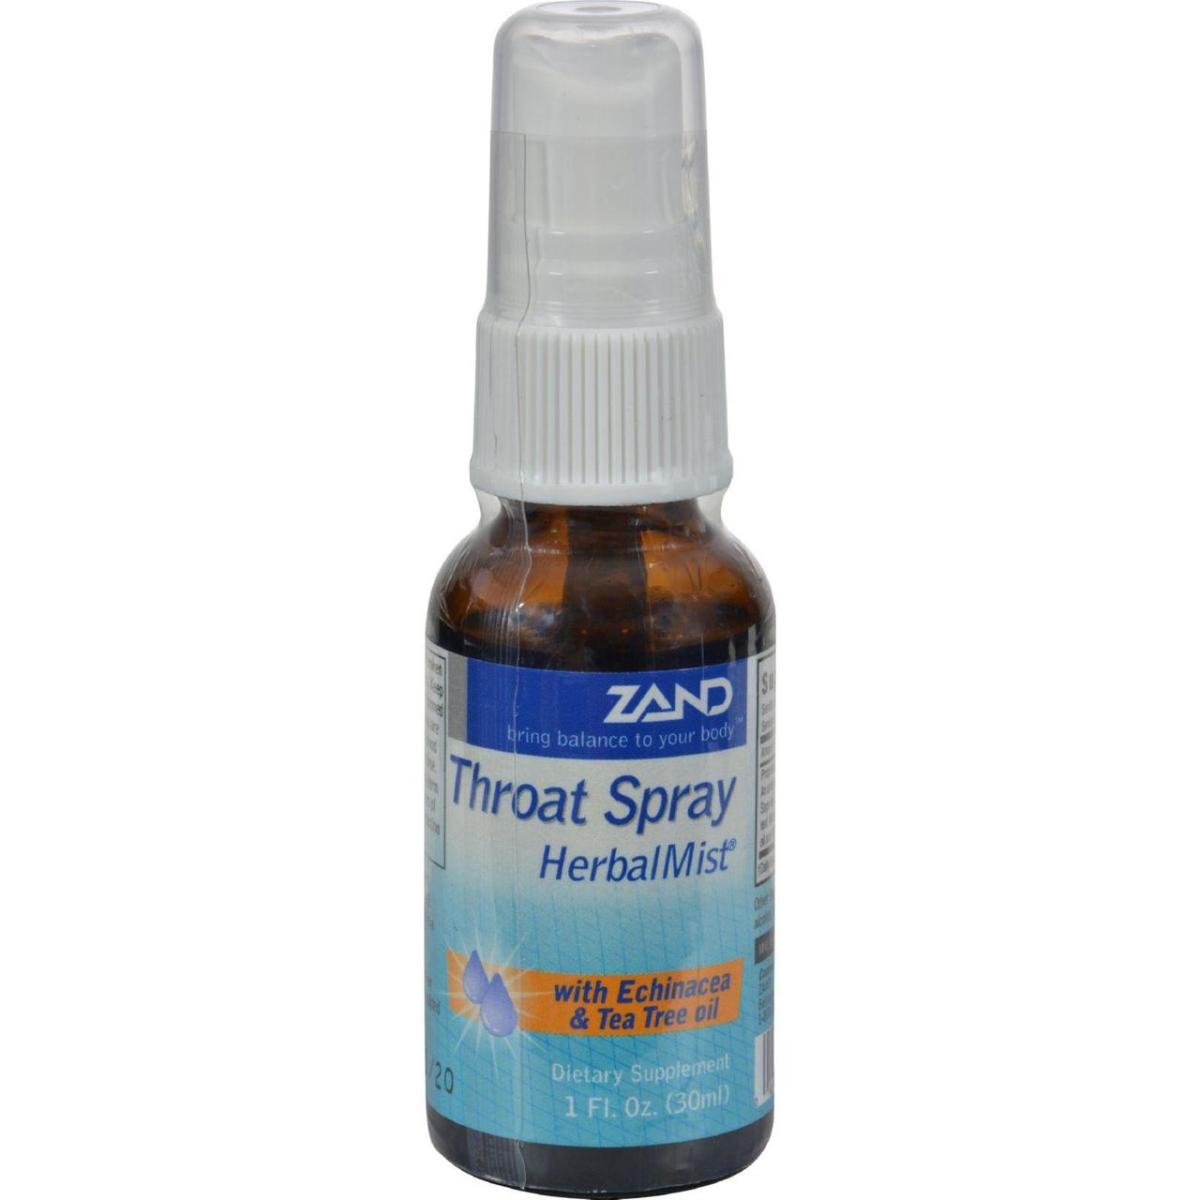 Zand HG0273425 1 fl oz Herbal Mist Throat Spray